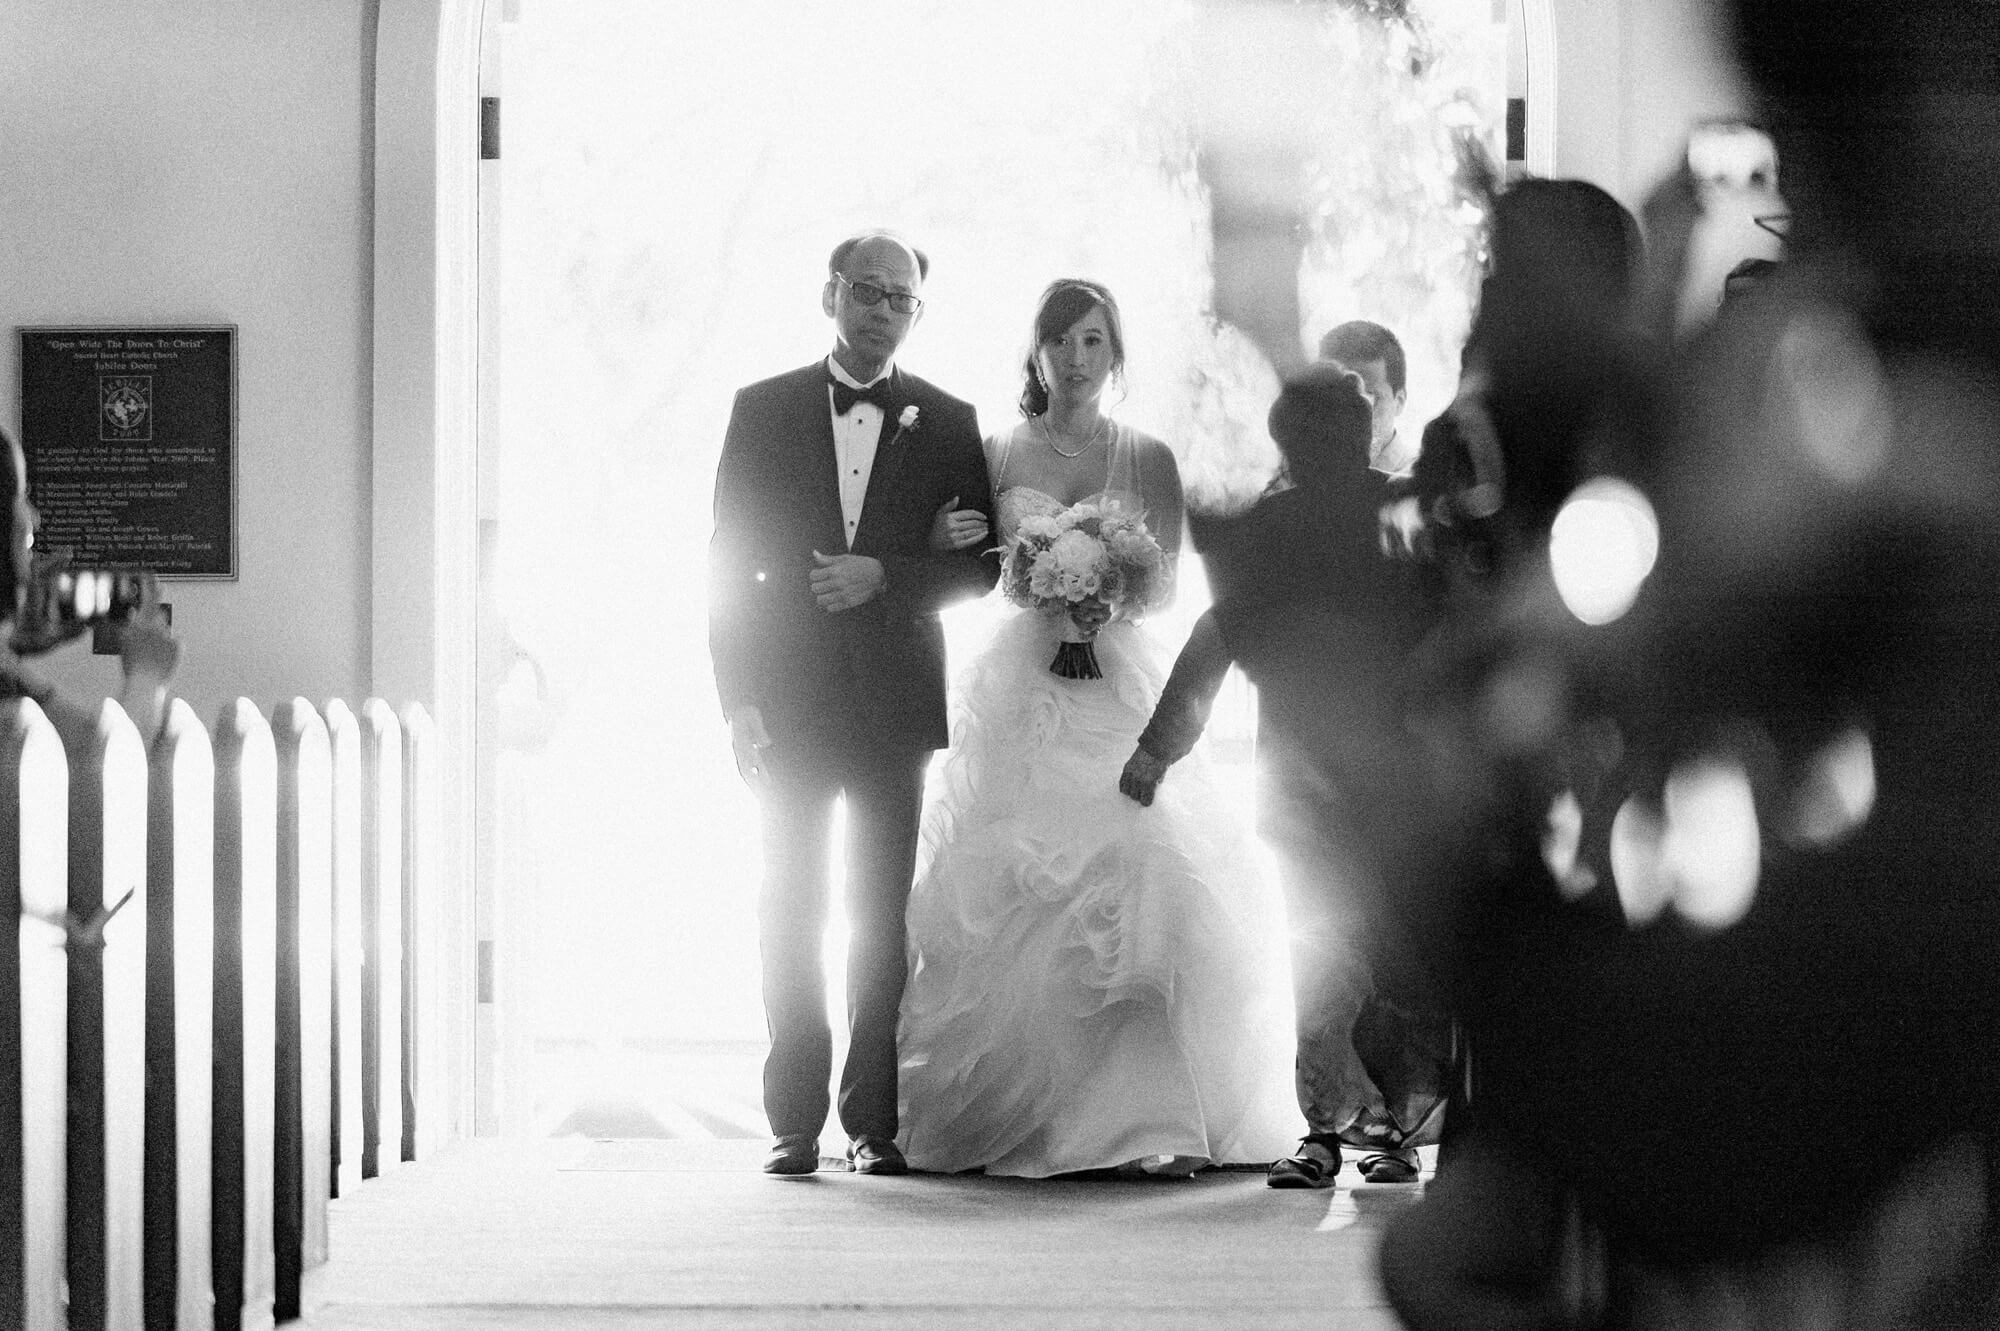 father and bride enter sacred heart church in coronado